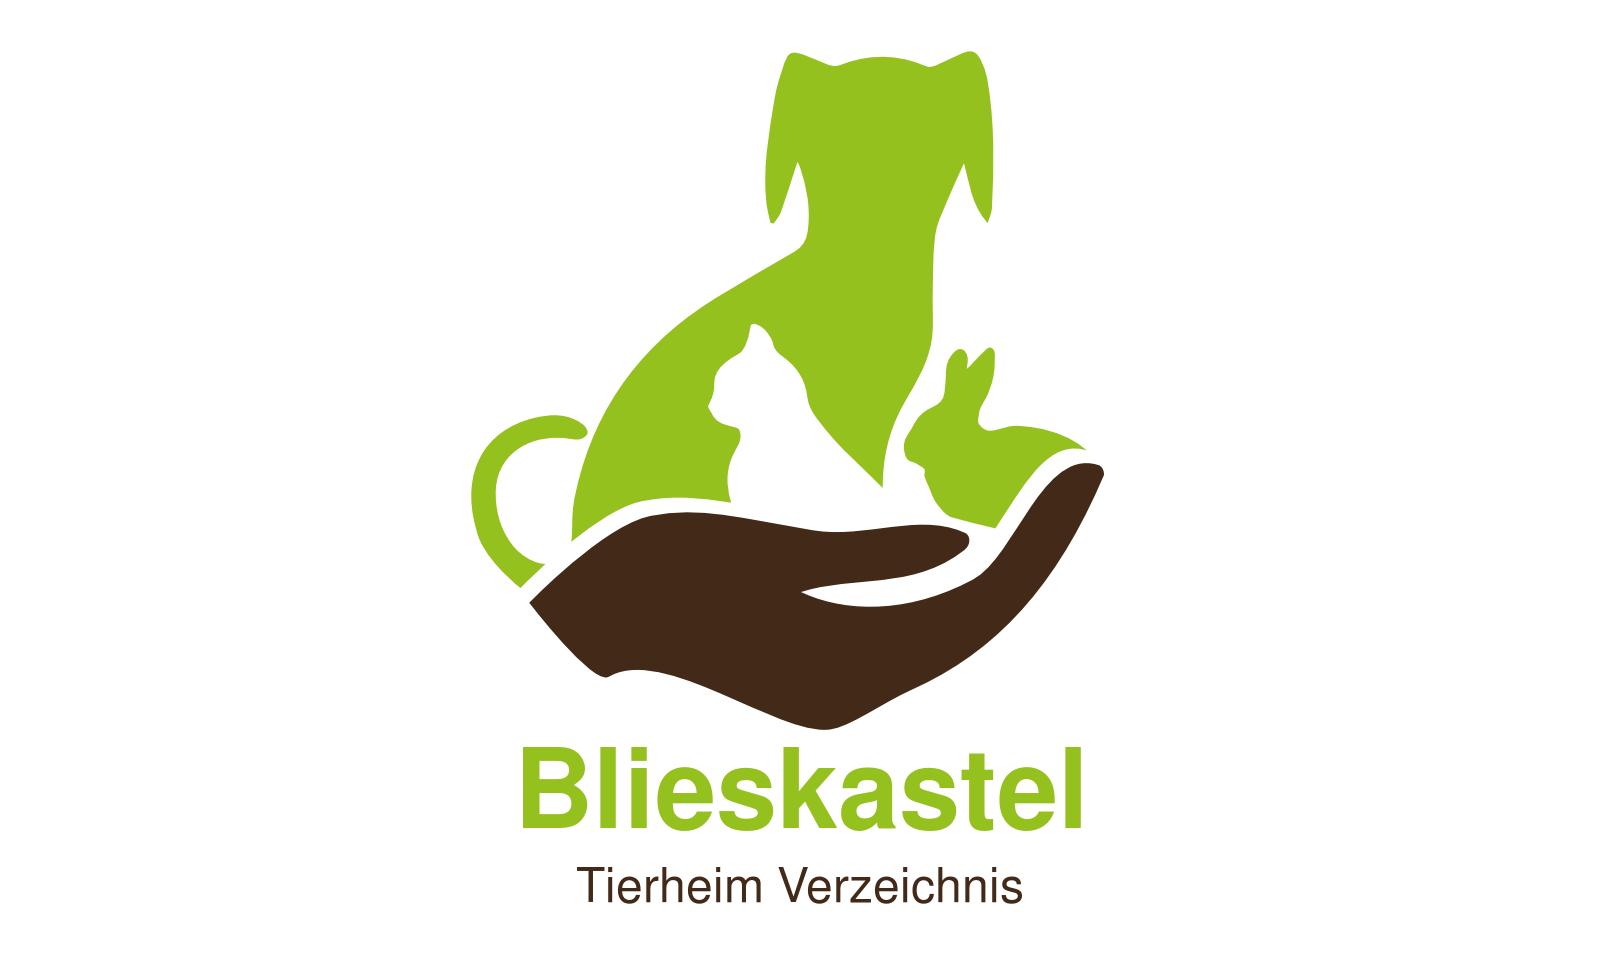 Tierheim Blieskastel